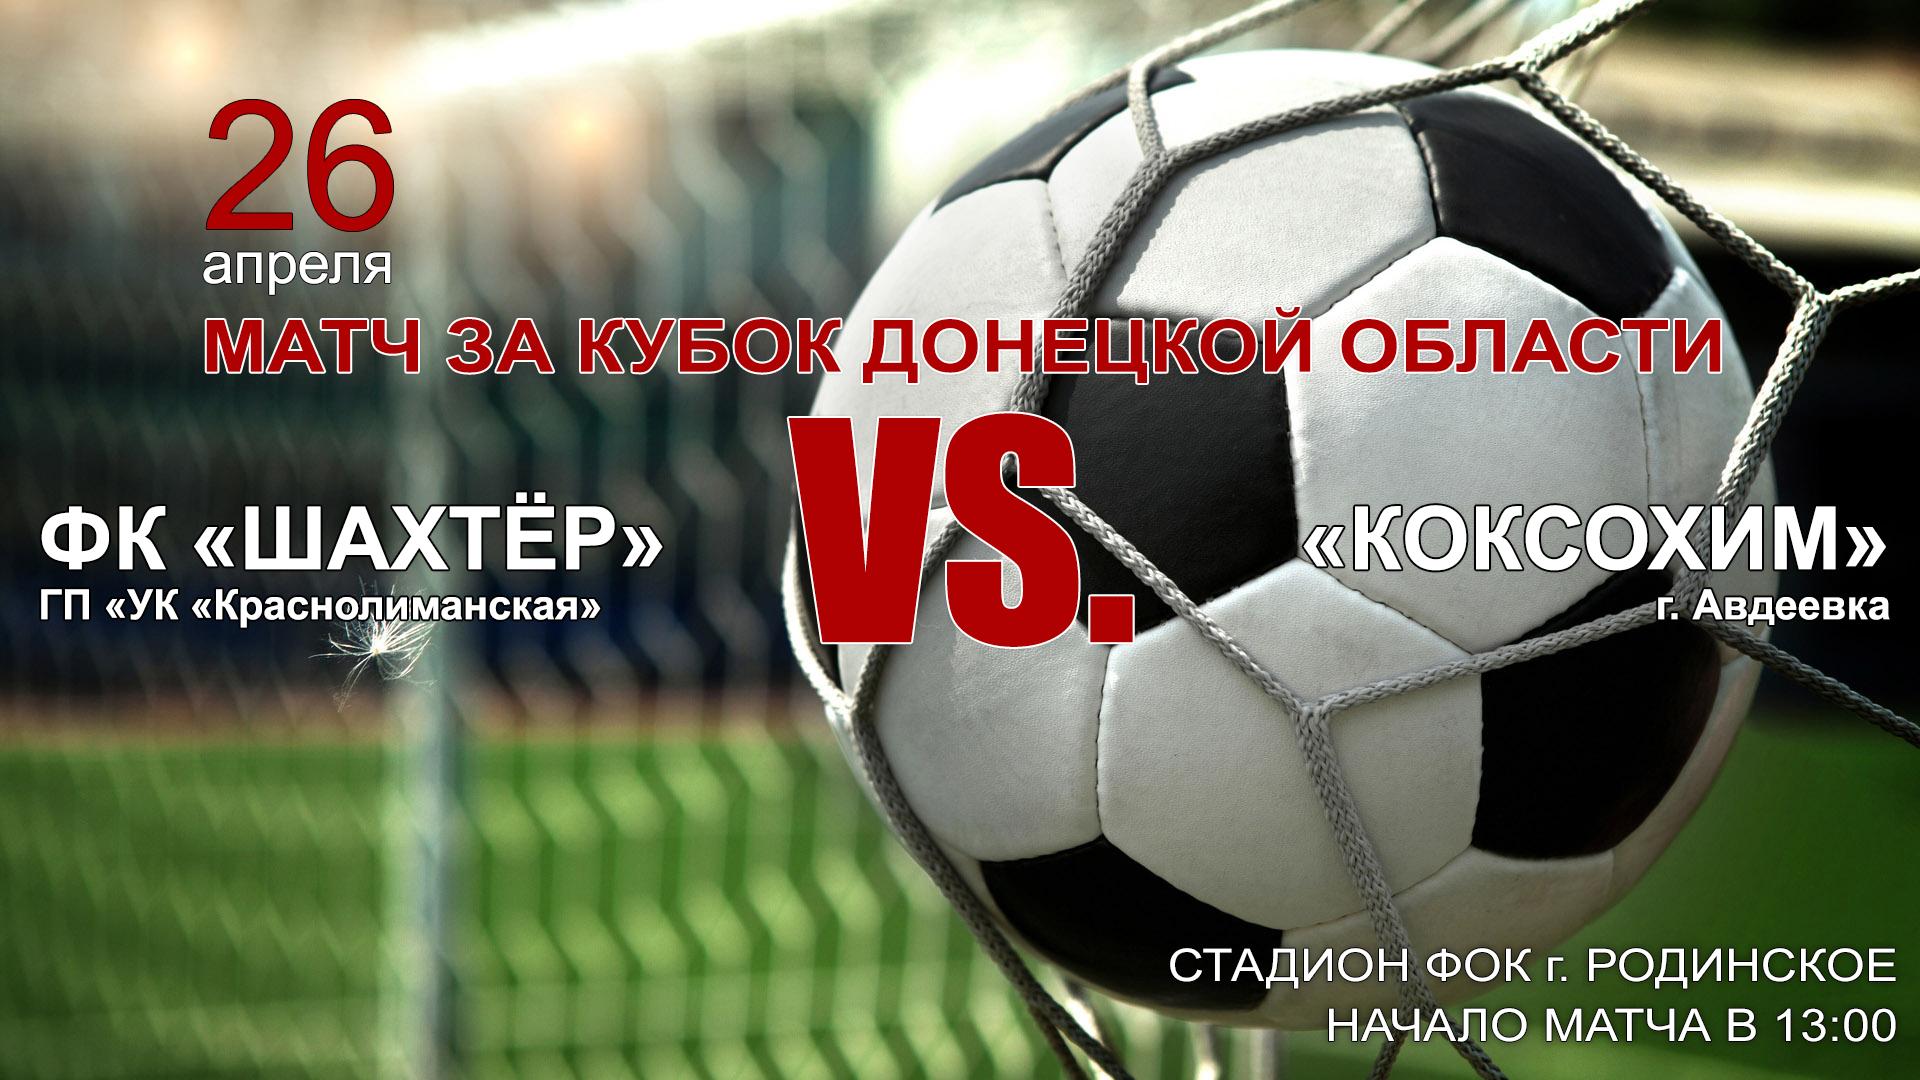 26-futbolnyj-myach